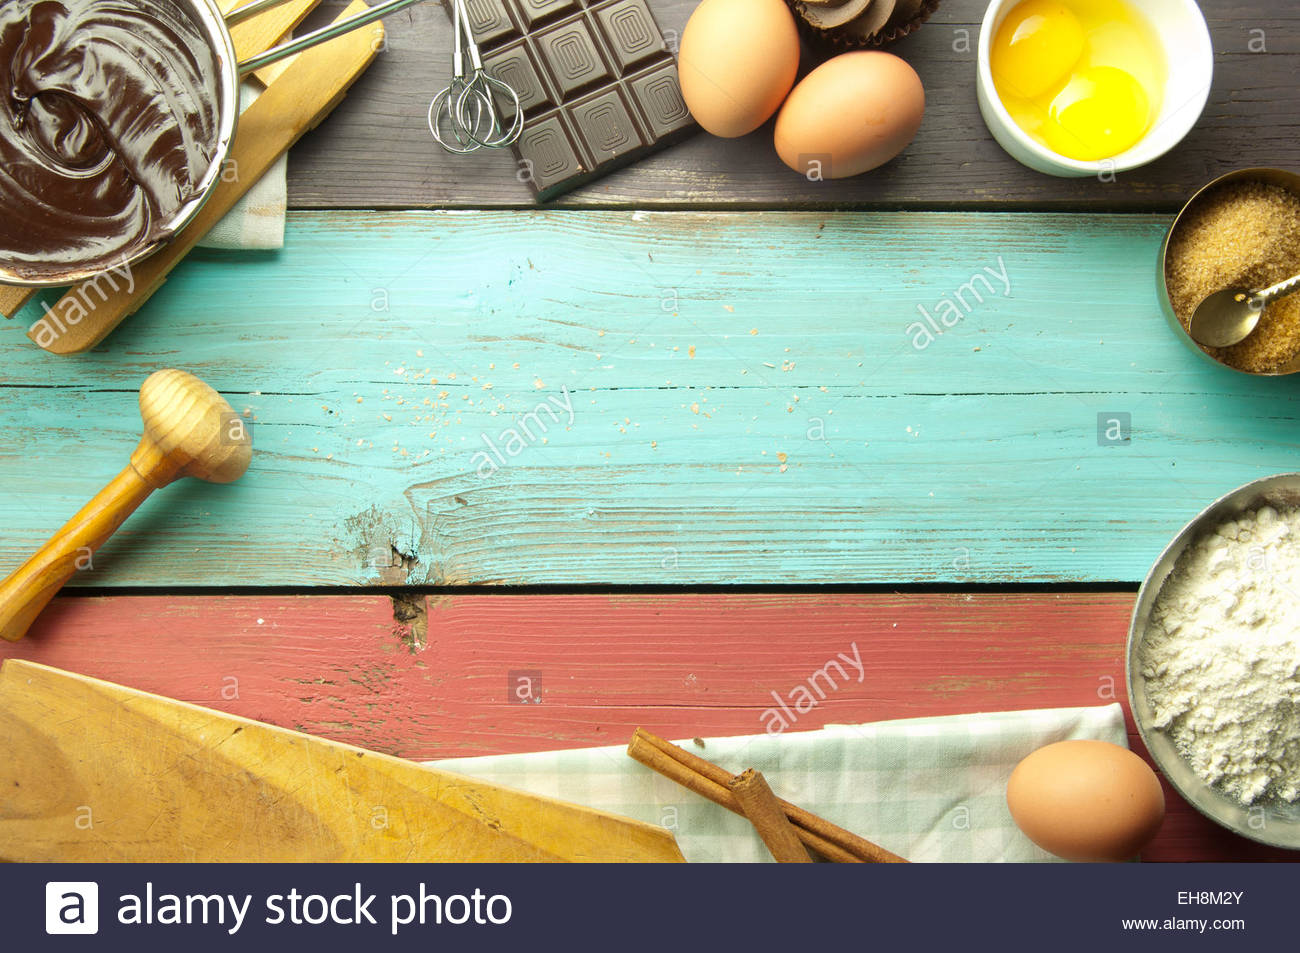 Baking background Stock Photo 79482003   Alamy 1300x953